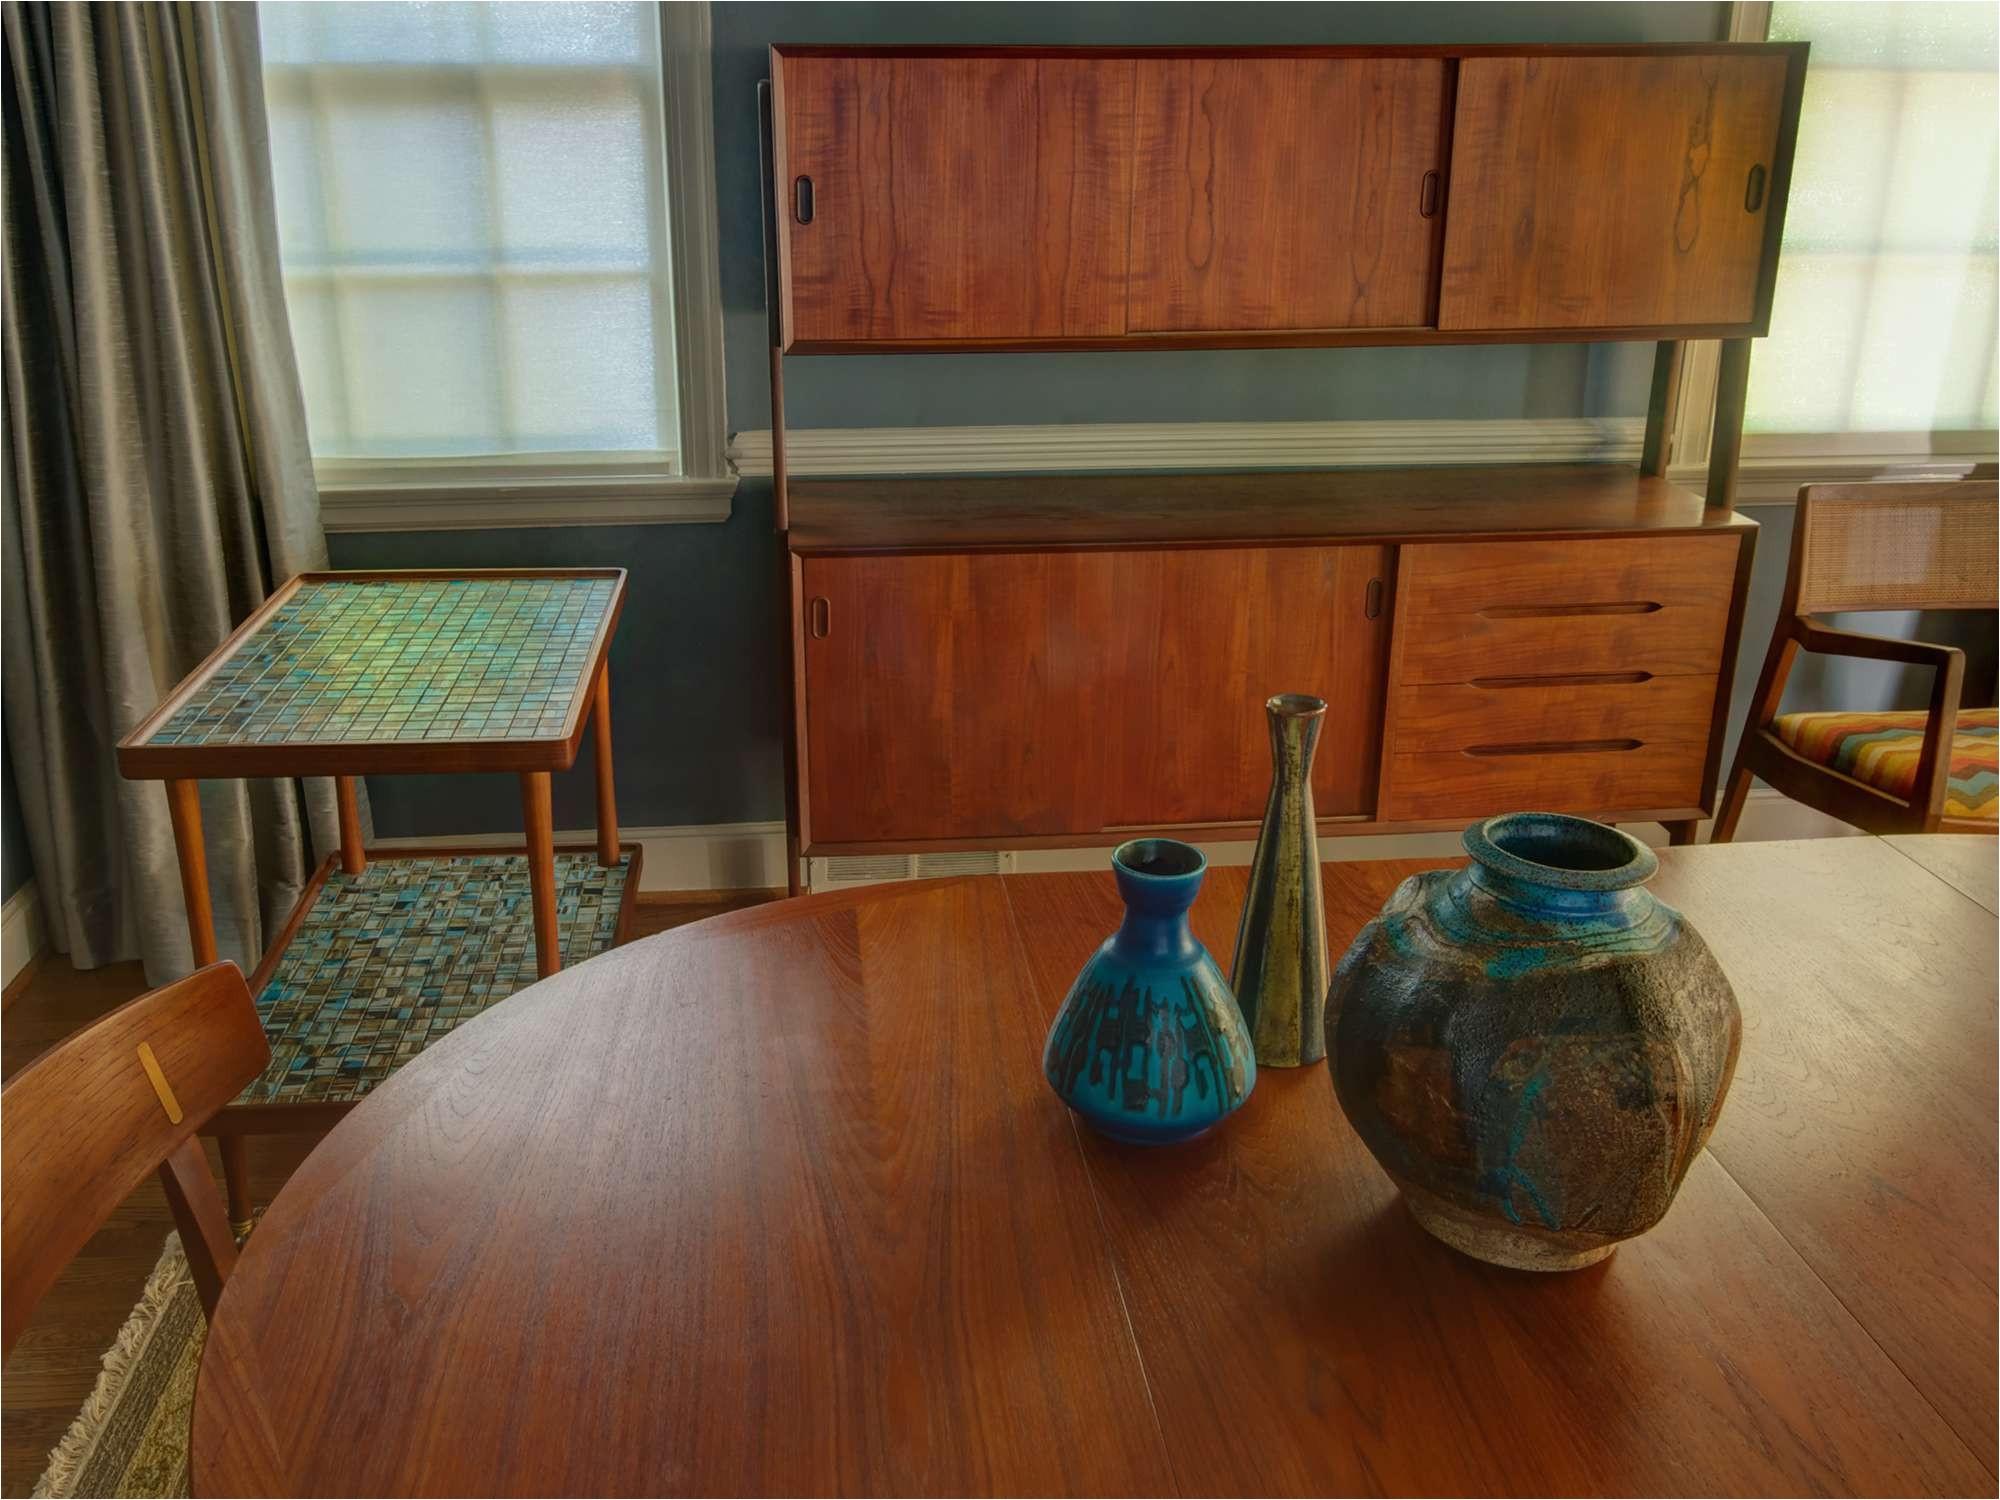 mid century modern furniture atlanta lovely 60s modern furniture of mid century modern furniture atlanta lovely